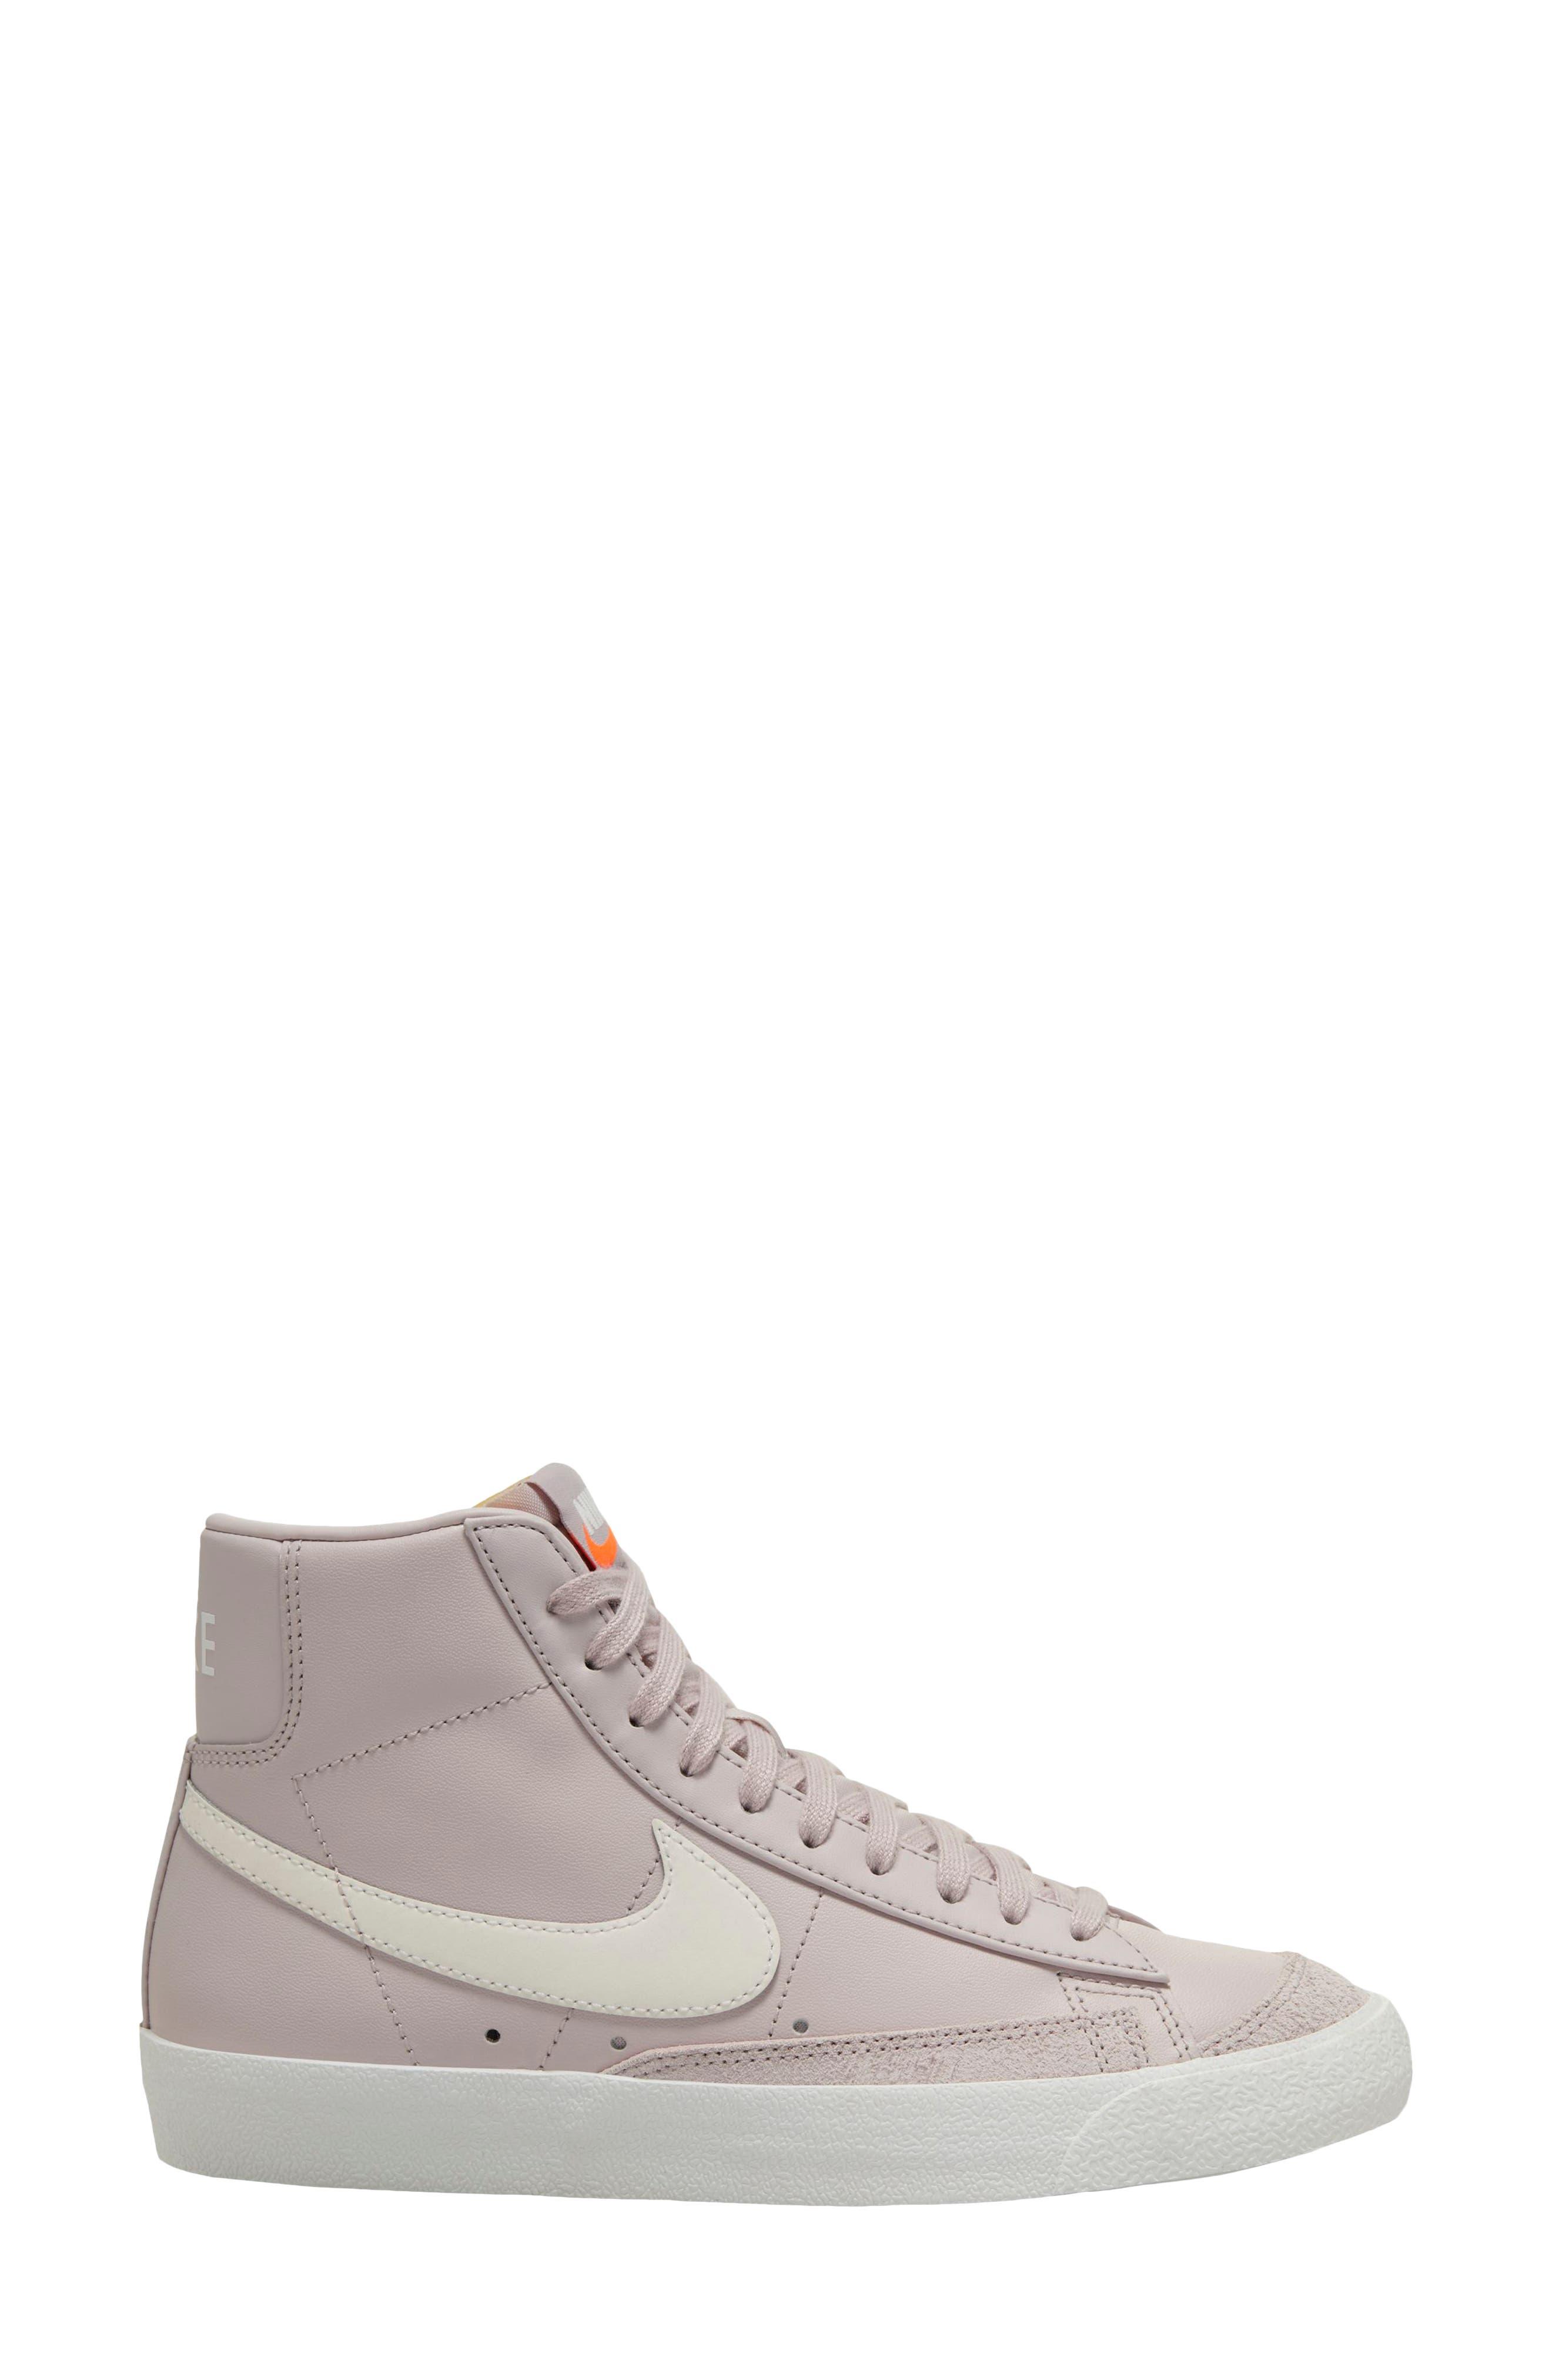 Women's High Top Sneakers \u0026 Athletic